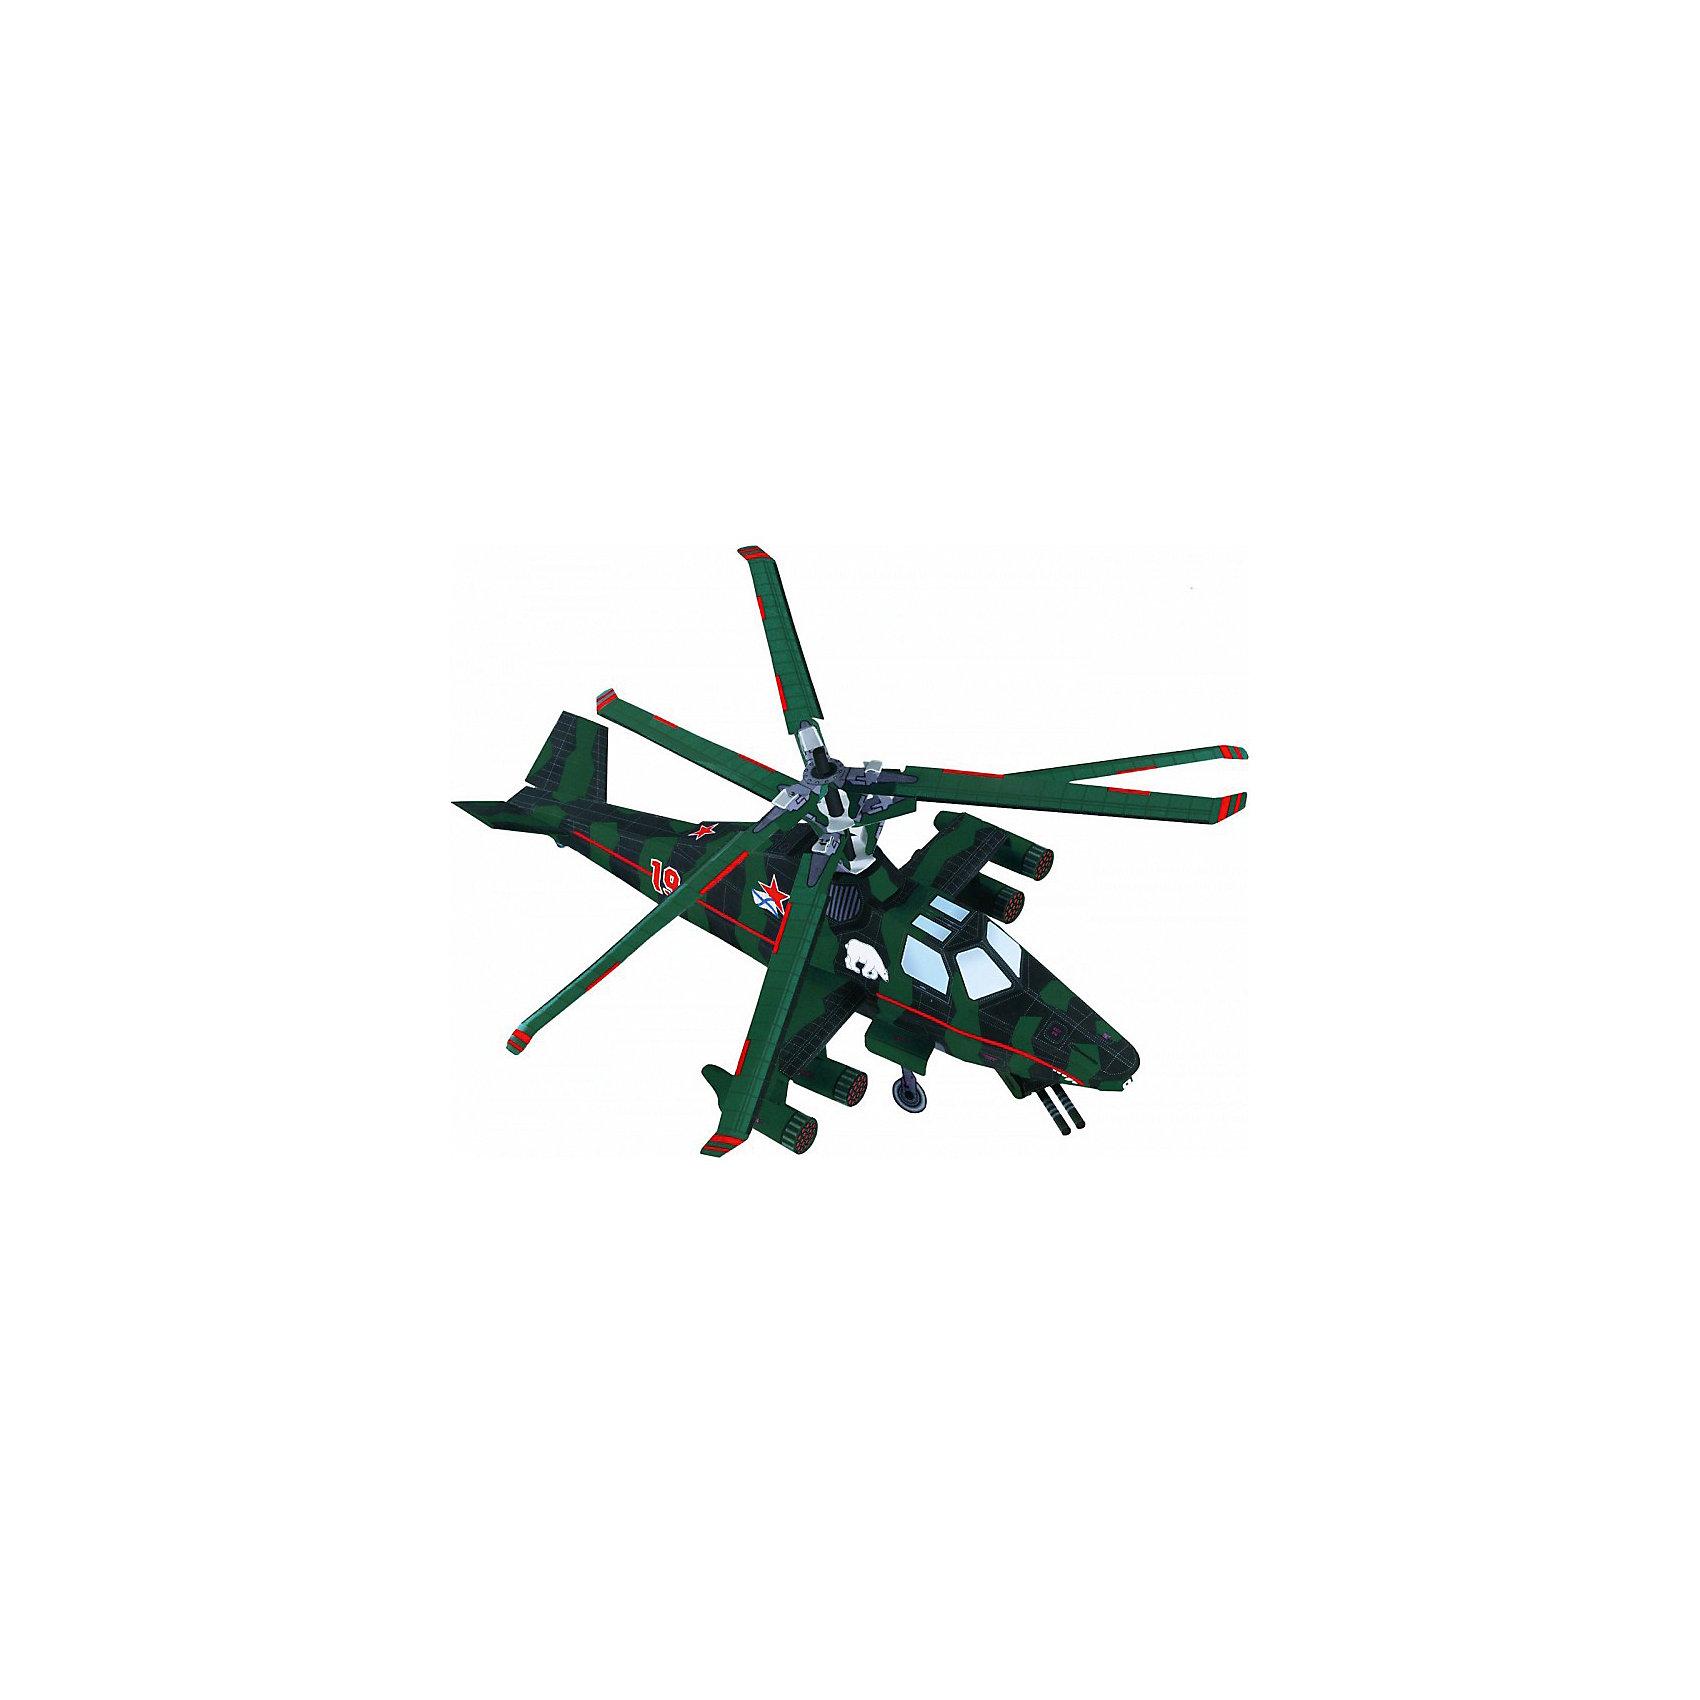 Сборная модель Вертолет МедведьВертолет Медведь - новейший российский вертолёт, оснащенный самым современным вооружением и оборудованием, позволяющим вести боевые действия в любое время суток и при любой погоде. Высокая степень детализации и реалистичные детали делают сборку конструктора очень интересным занятием. Принцип соединения деталей запатентован: все соединения разработаны и рассчитаны с такой точностью, что с правильно собранной игрушкой можно играть, как с обычной. Конструирование - увлекательный и полезный процесс, развивающий мелкую моторику, внимание, усидчивость, пространственное мышление и фантазию. <br>Все сборные модели «Умная Бумага» разрабатываются на основе чертежей и фотографий оригинала. В их оформлении широко используются современные способы обработки бумаги для передачи рельефности поверхности, а для имитации хромированных и золоченых элементов применяется тиснение фольгой.<br><br>Дополнительная информация:<br><br>- Материал: картон.<br>- Размер упаковки: 22х30 см.<br>- Высота модели: 28х16х14 см.<br>- Количество деталей: 38.<br><br>Сборную модель Вертолет Медведь можно купить в нашем магазине.<br><br>Ширина мм: 217<br>Глубина мм: 335<br>Высота мм: 3<br>Вес г: 70<br>Возраст от месяцев: 72<br>Возраст до месяцев: 168<br>Пол: Мужской<br>Возраст: Детский<br>SKU: 4697716